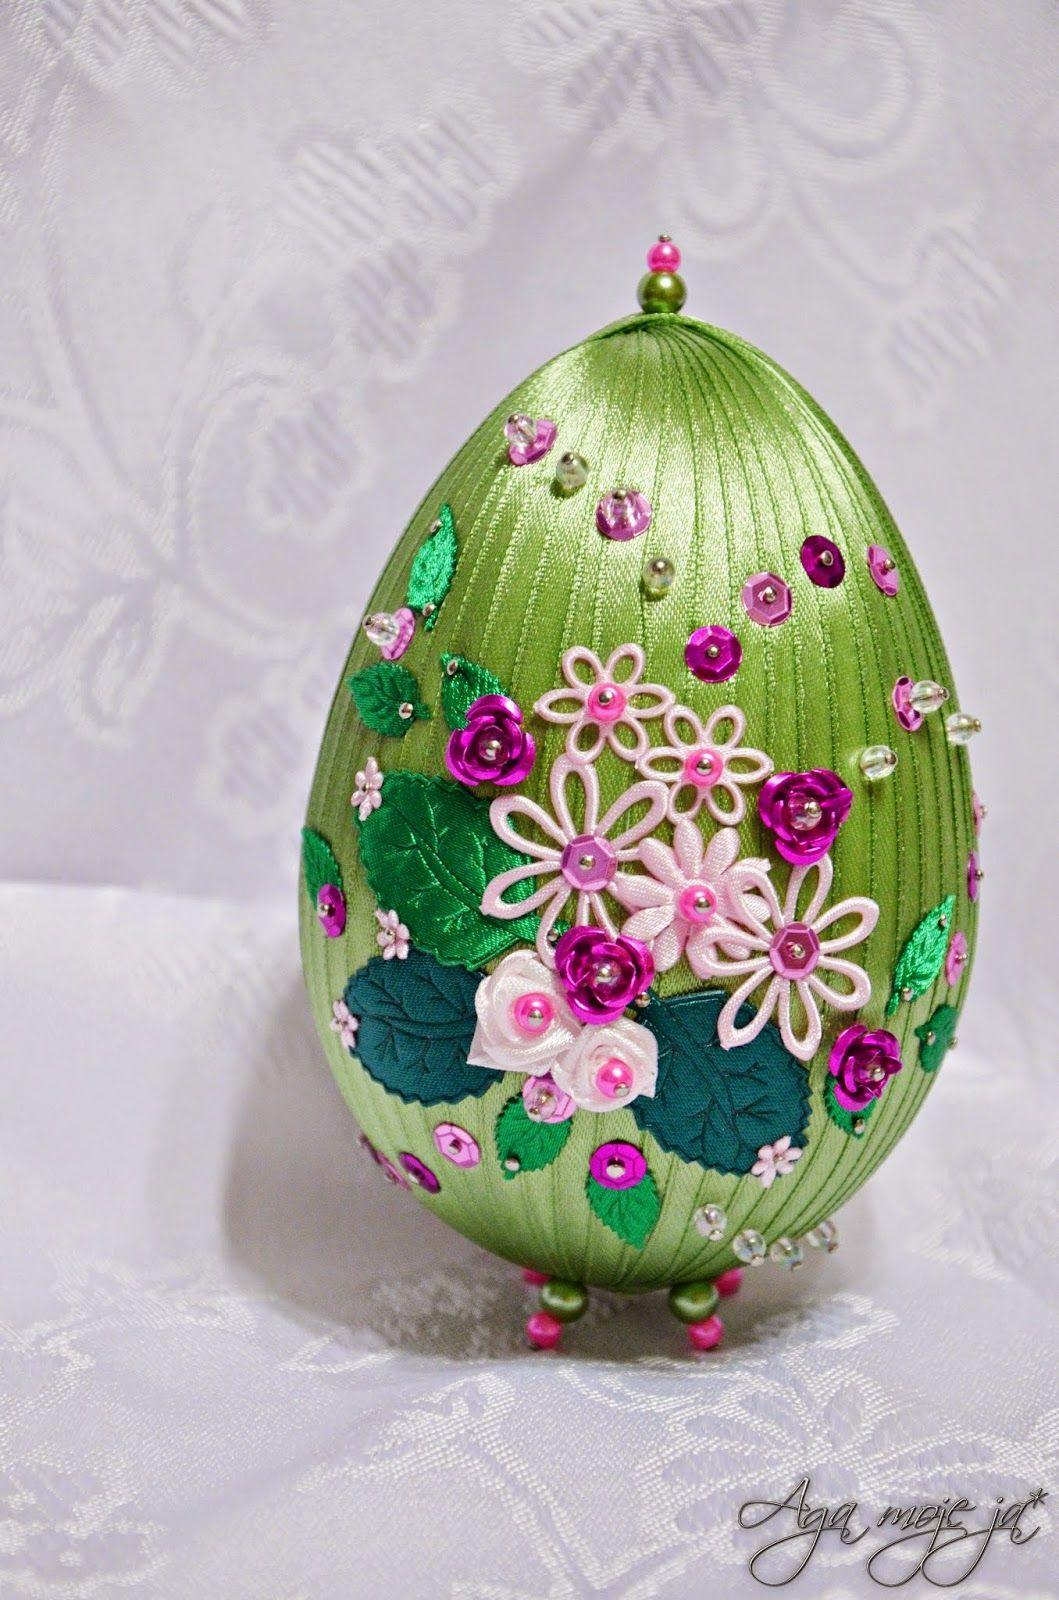 Handmadekursy ,wzory ,tutoriale: Wielkanocne Ozdobyjajko Ze Wstążki ·  Ribbon Artbeaded Ornamentschristmas